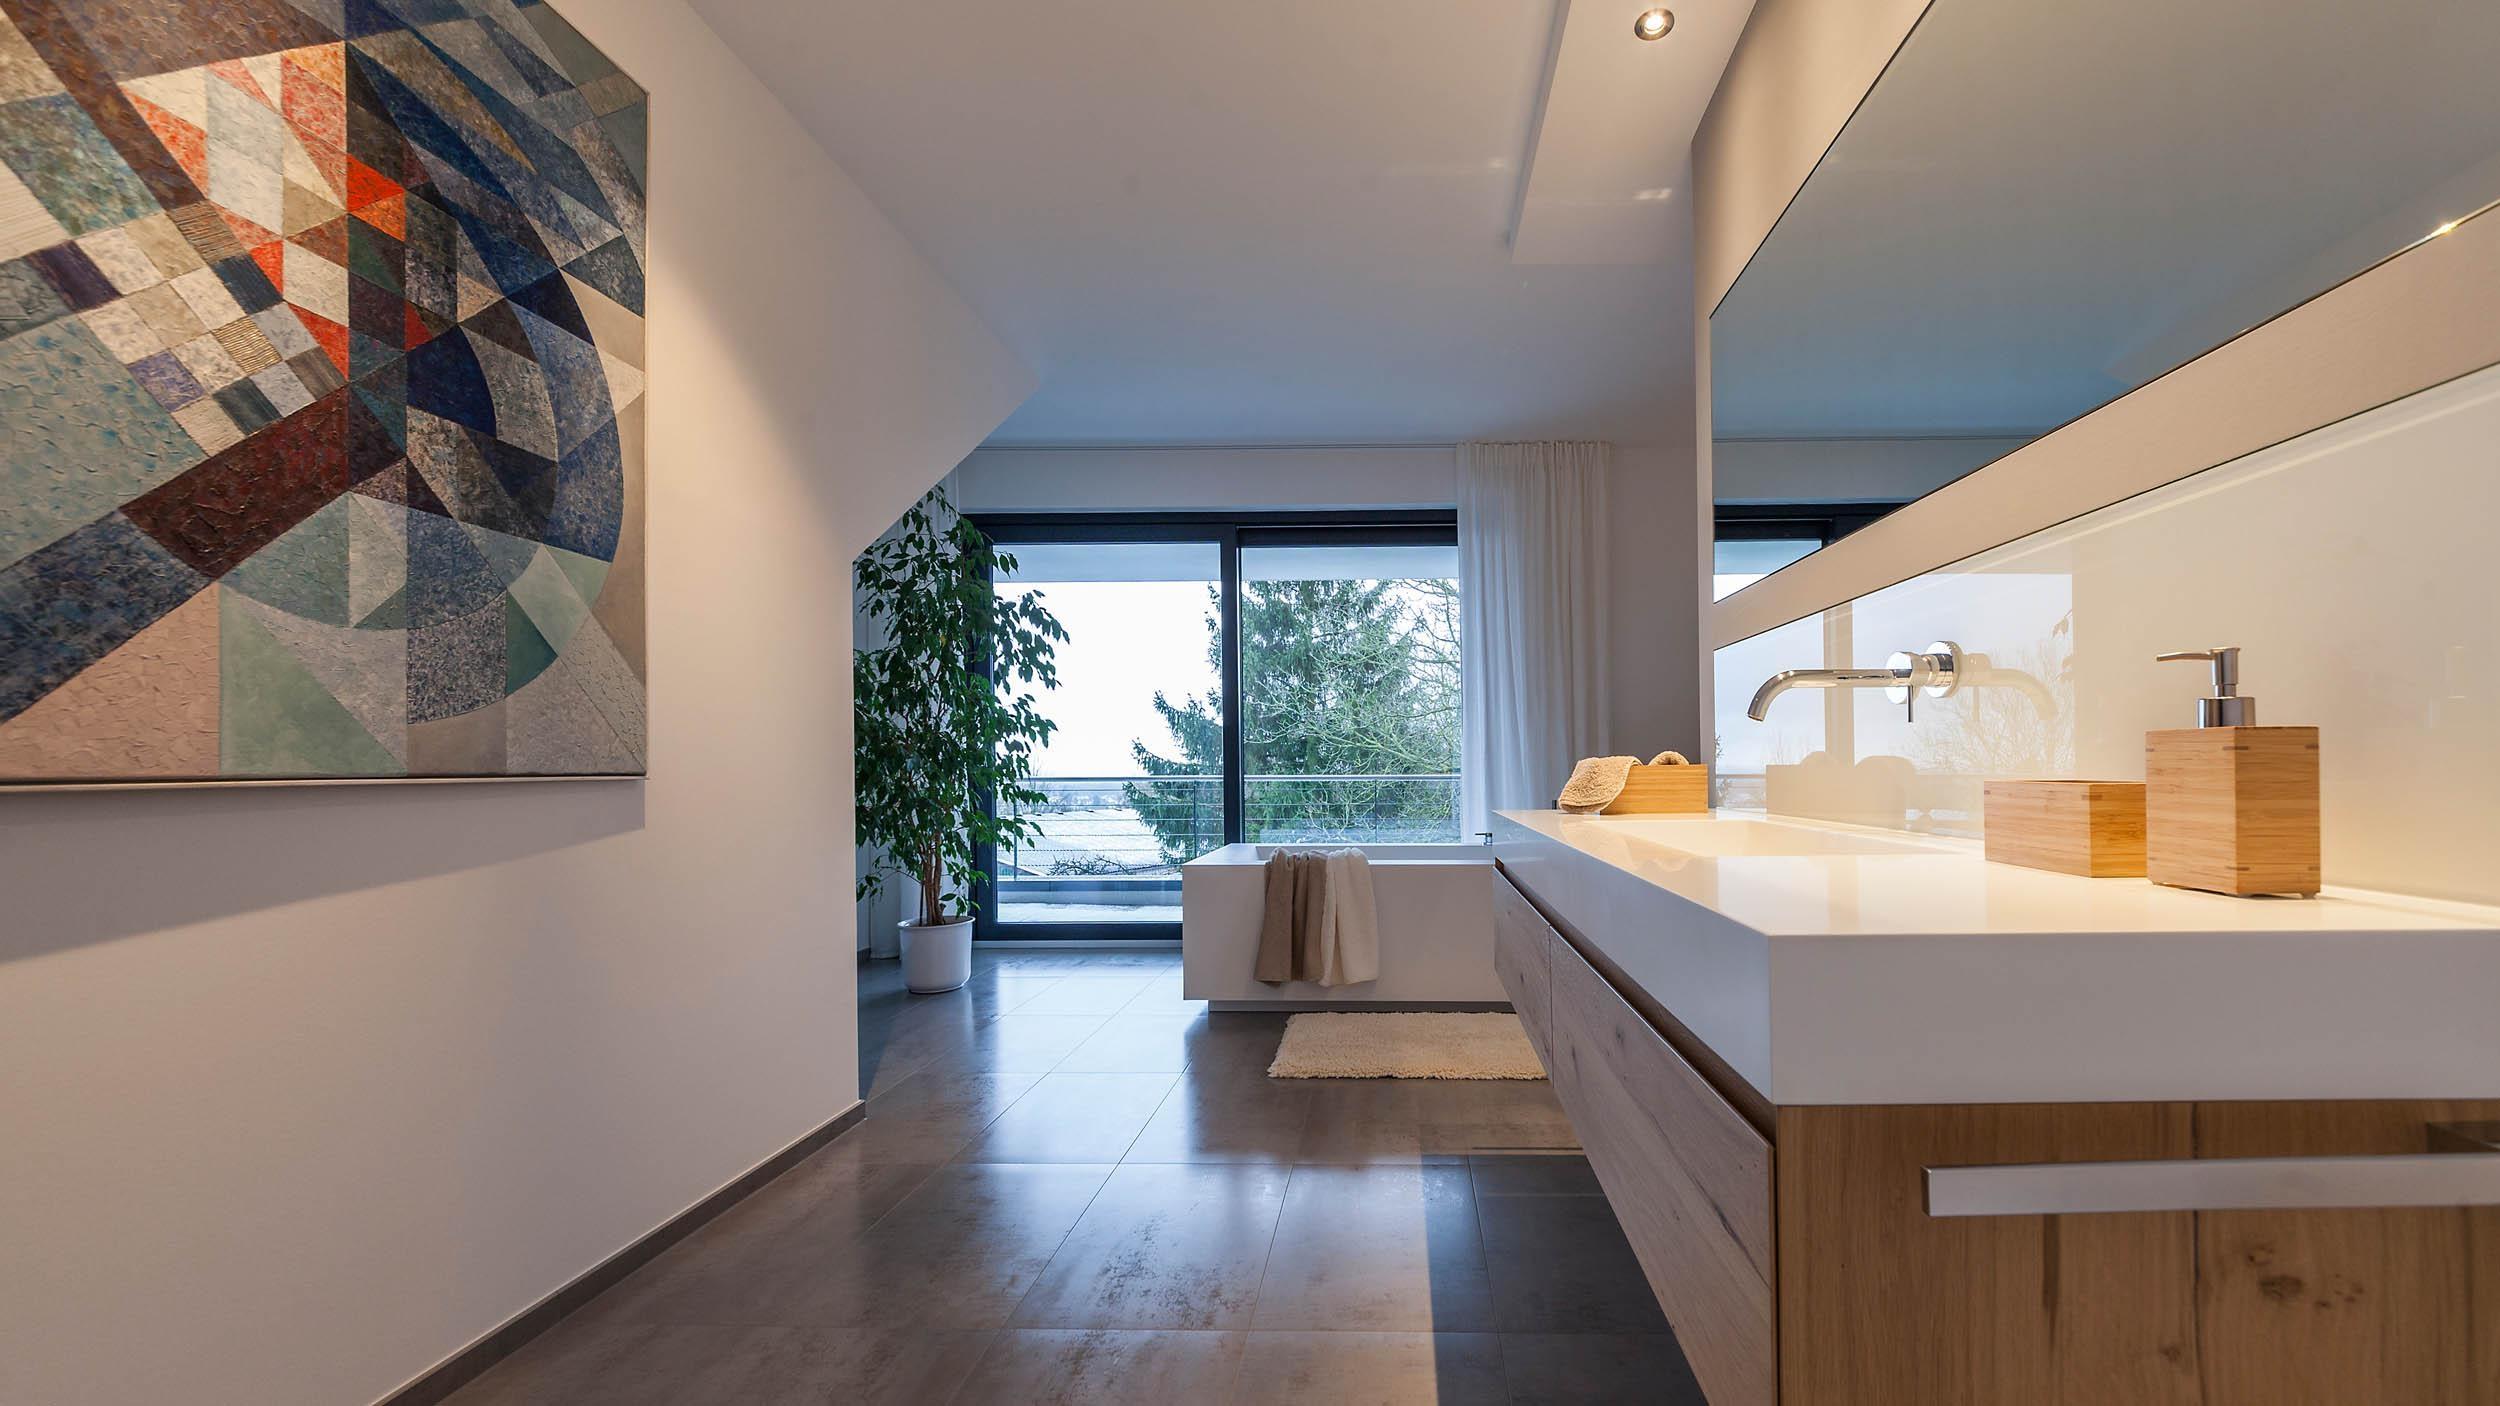 Modernes Badezimmer Finde Stilvolle Gestaltungsideen